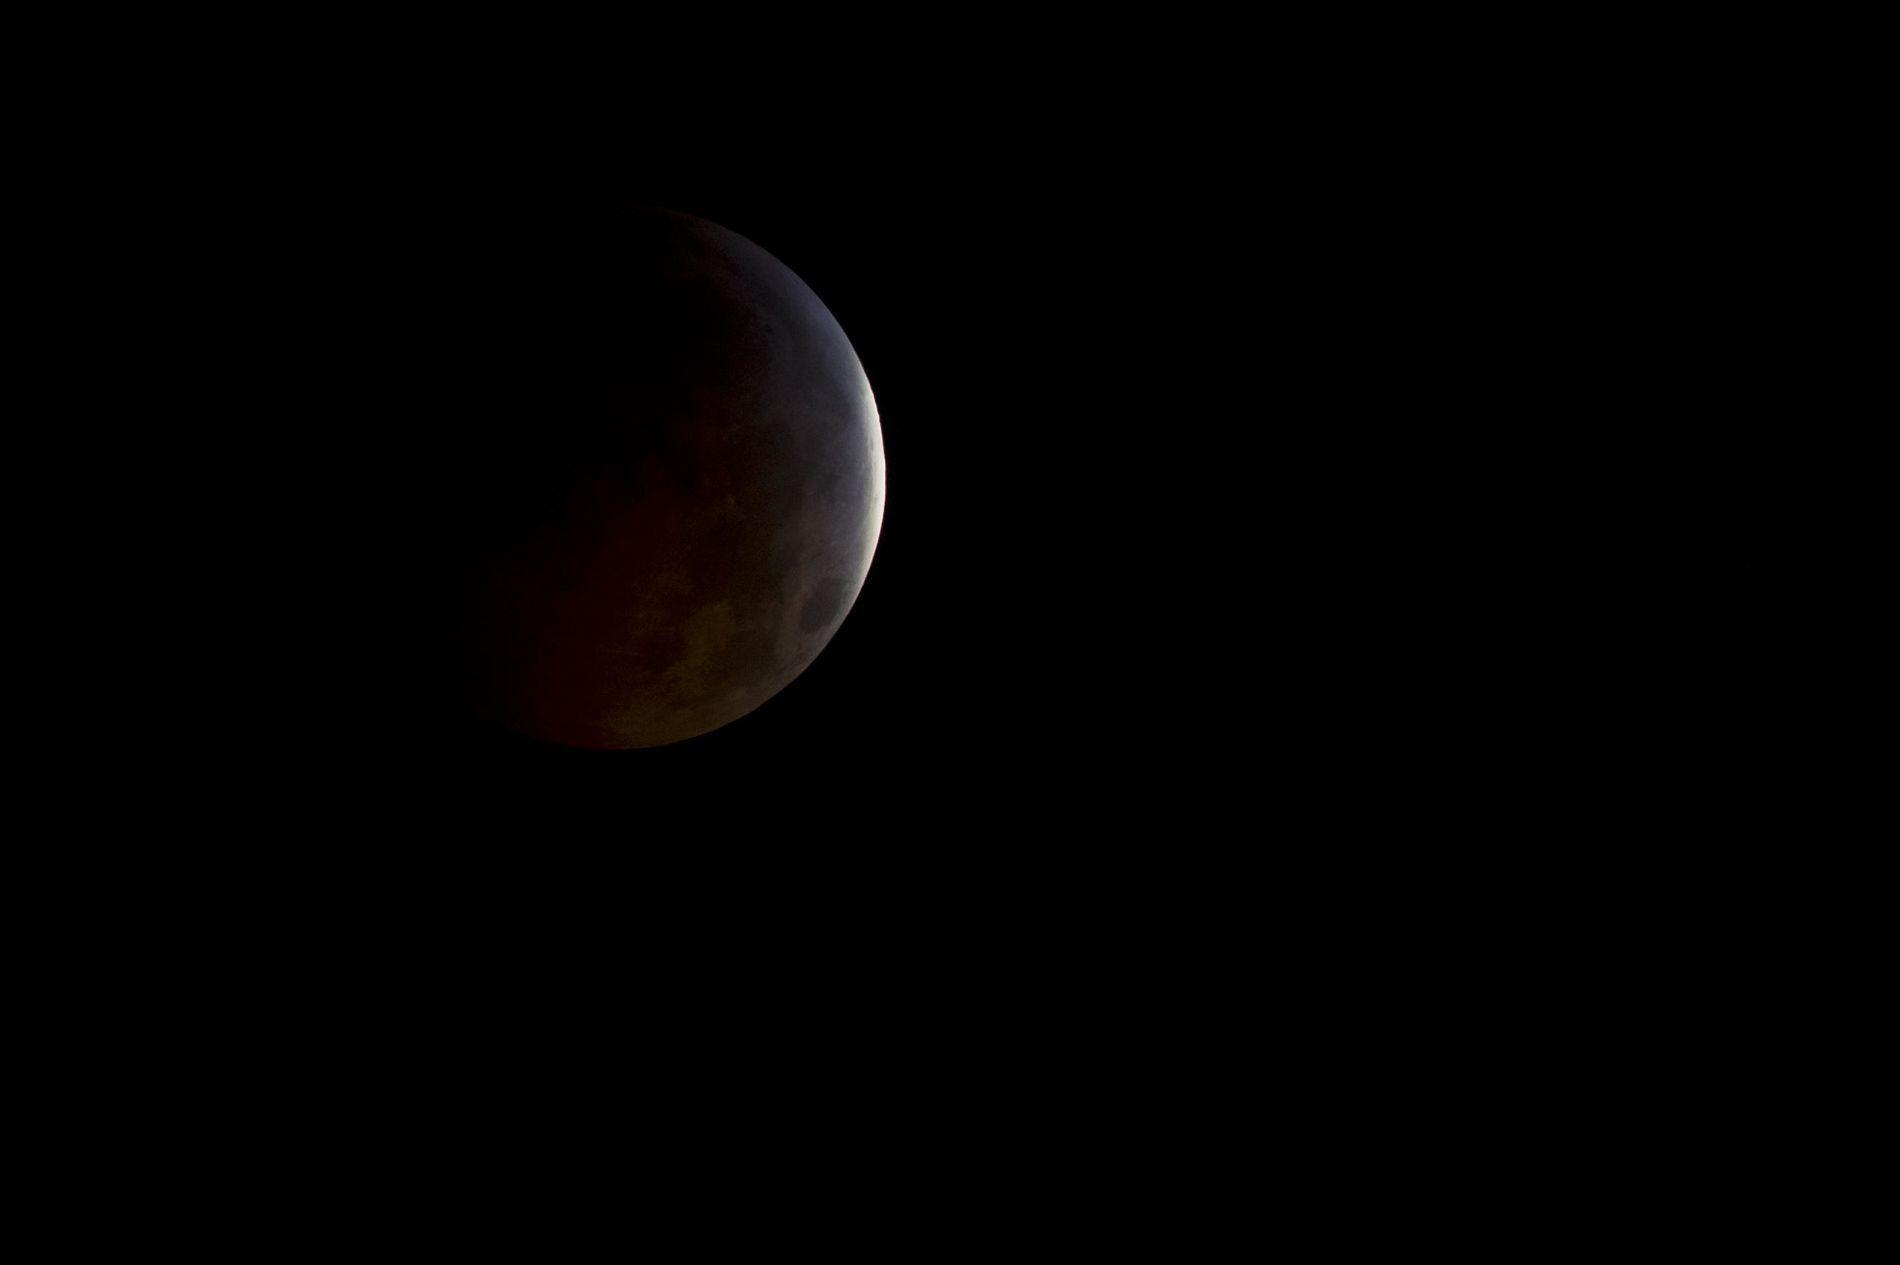 Як виглядає місячне затемнення